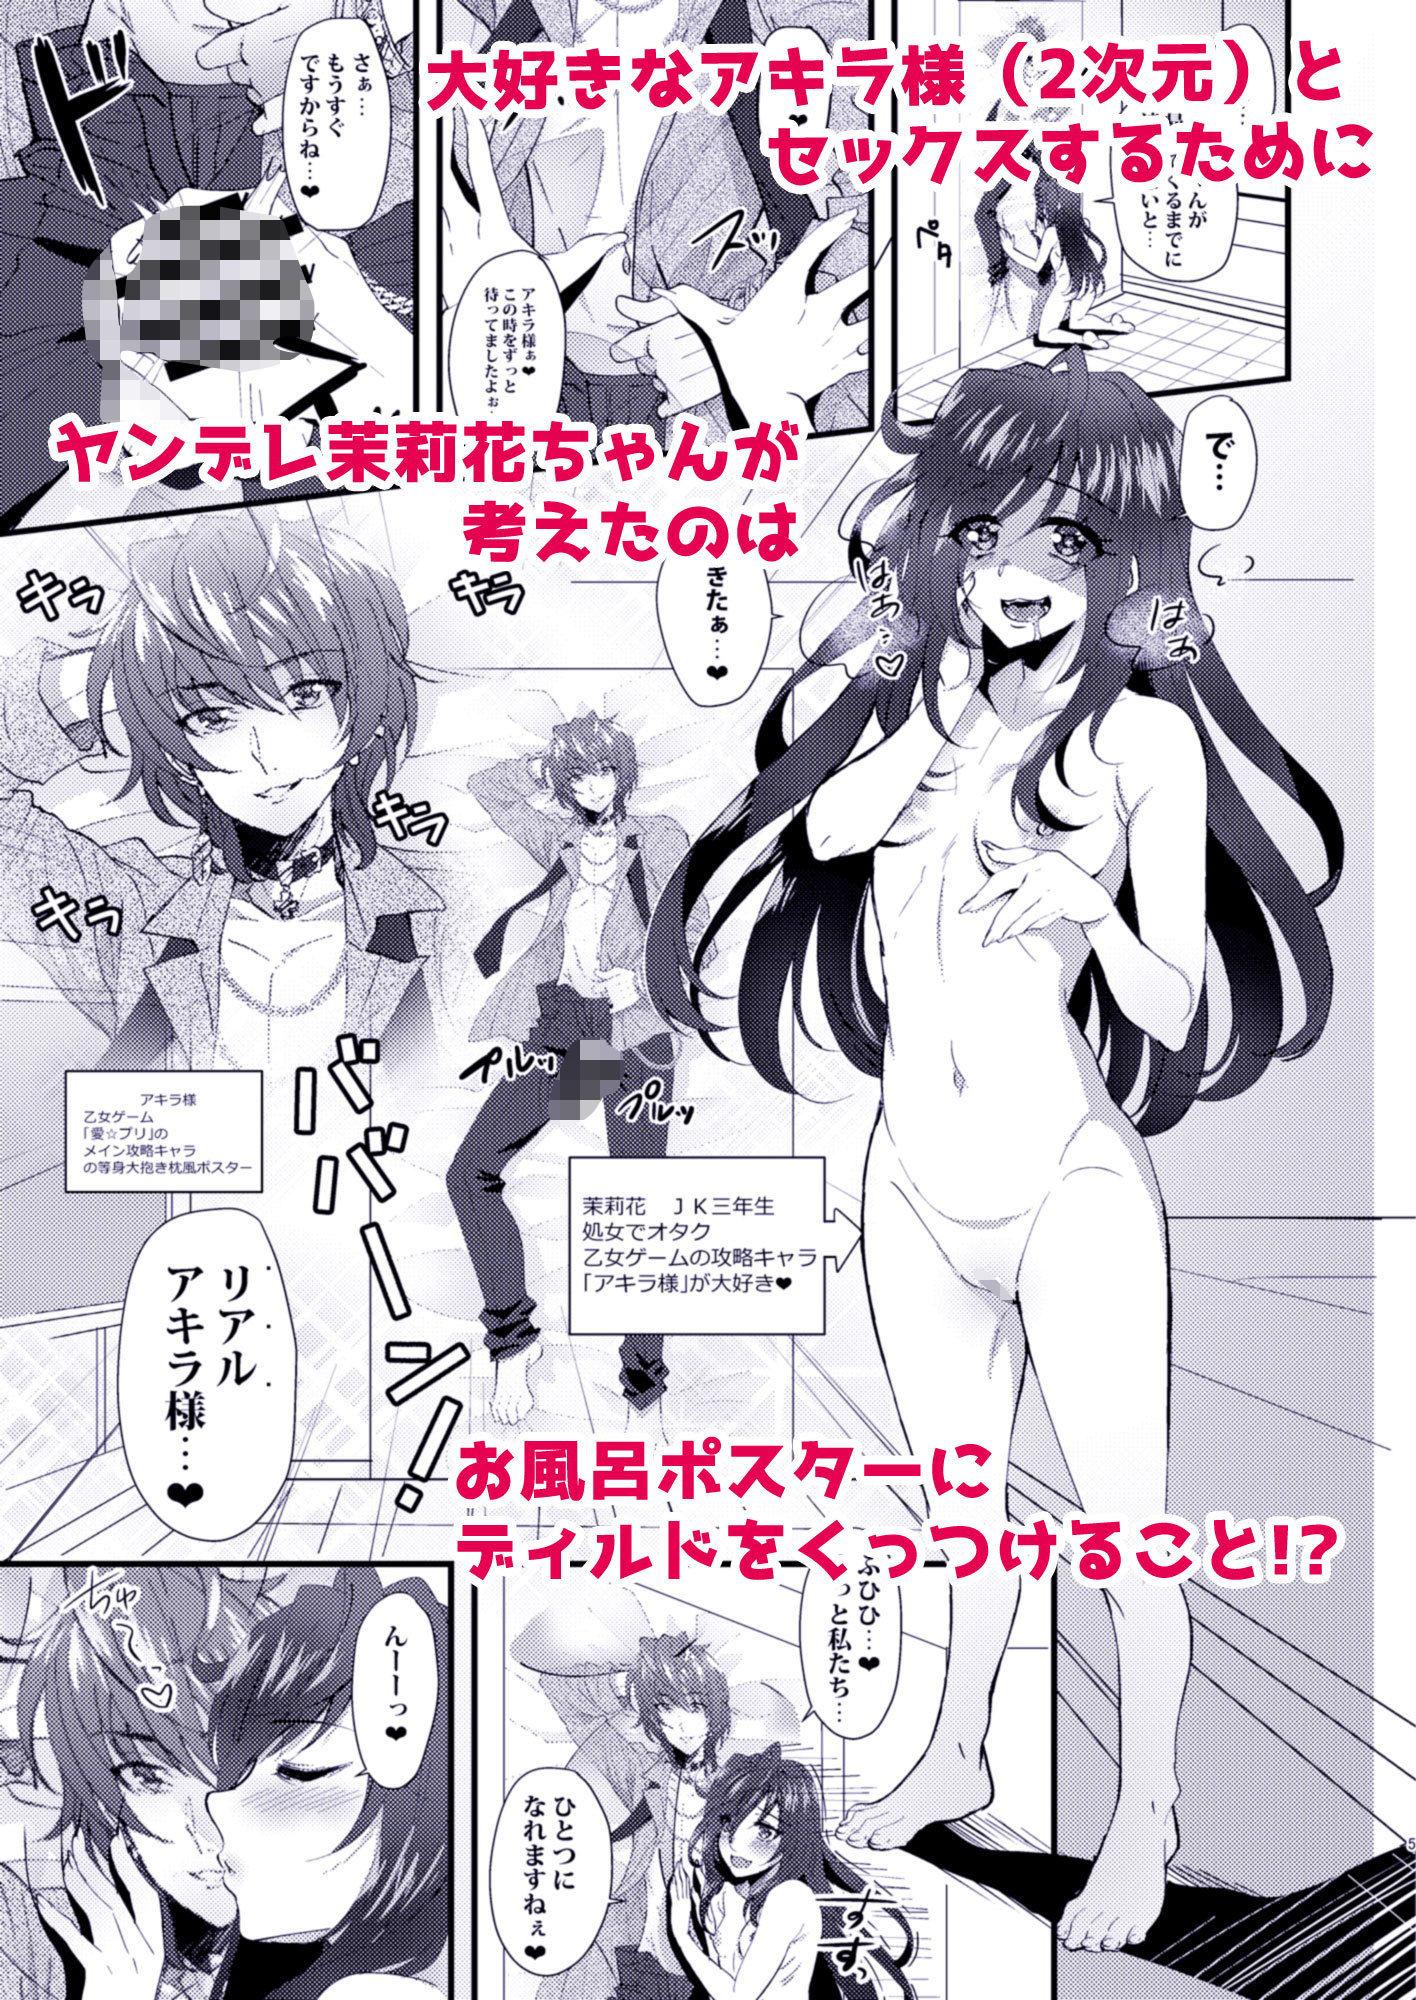 はじおな2 〜はじめてのオ○ニー2〜